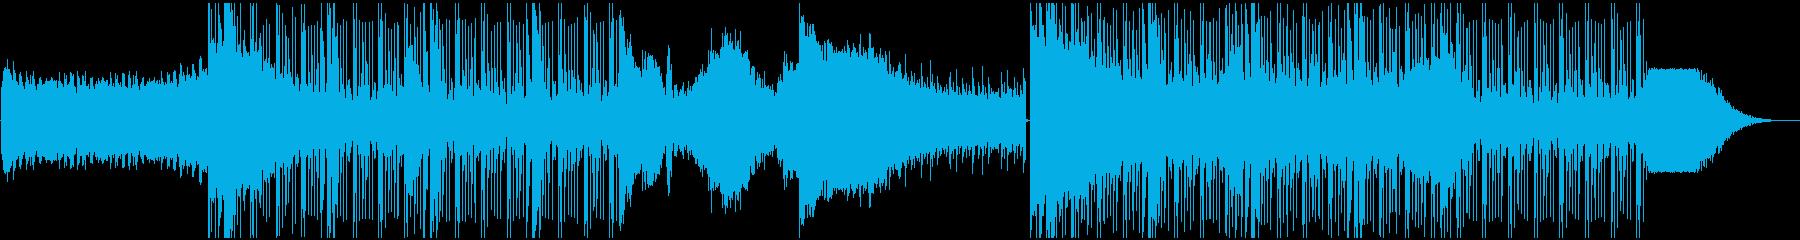 バトルシーン、疾走感あるデジタルロックの再生済みの波形